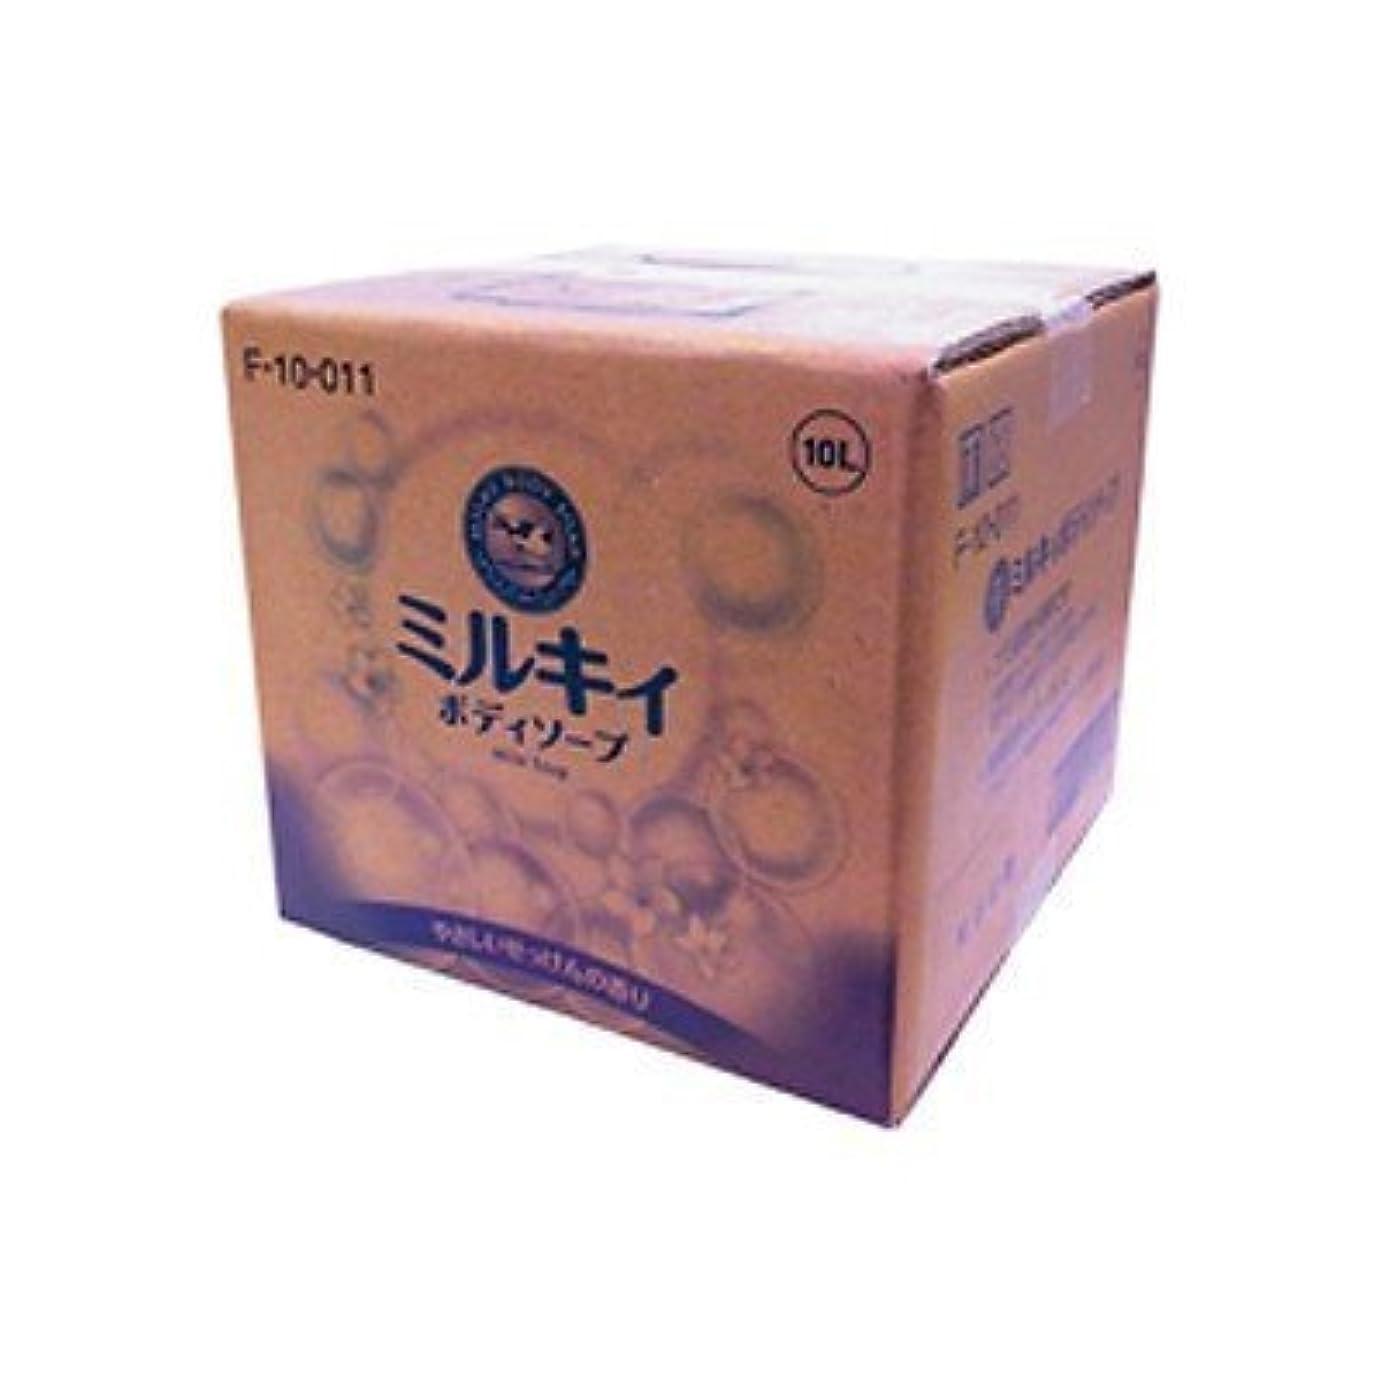 貫通ホラー擁する牛乳石鹸 ミルキィボディソープ 業務用 279605 00022378 【まとめ買い3個セット】